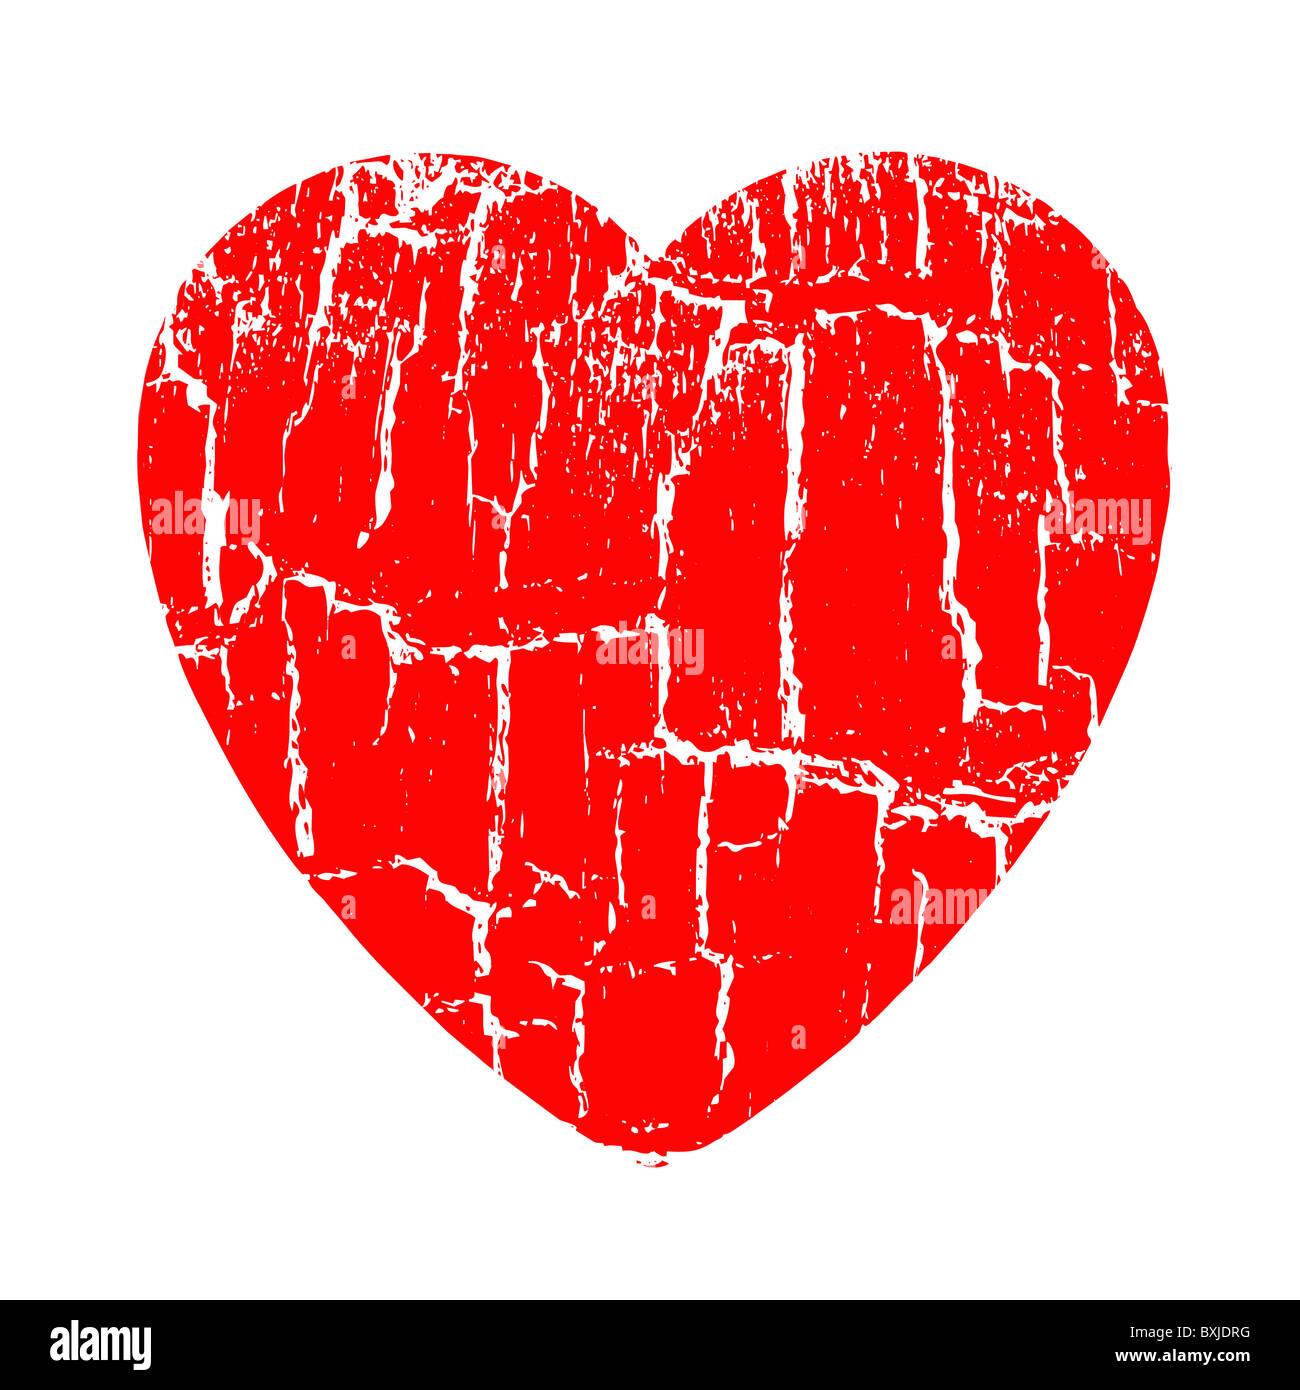 vector illustration heart in rift - Stock Image